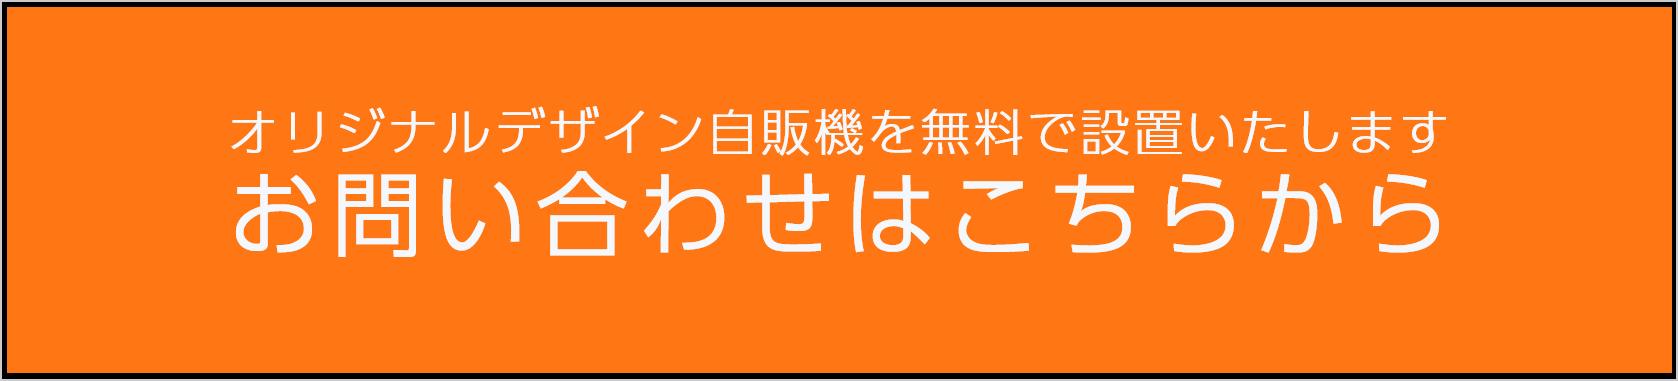 ボタンforデザイン